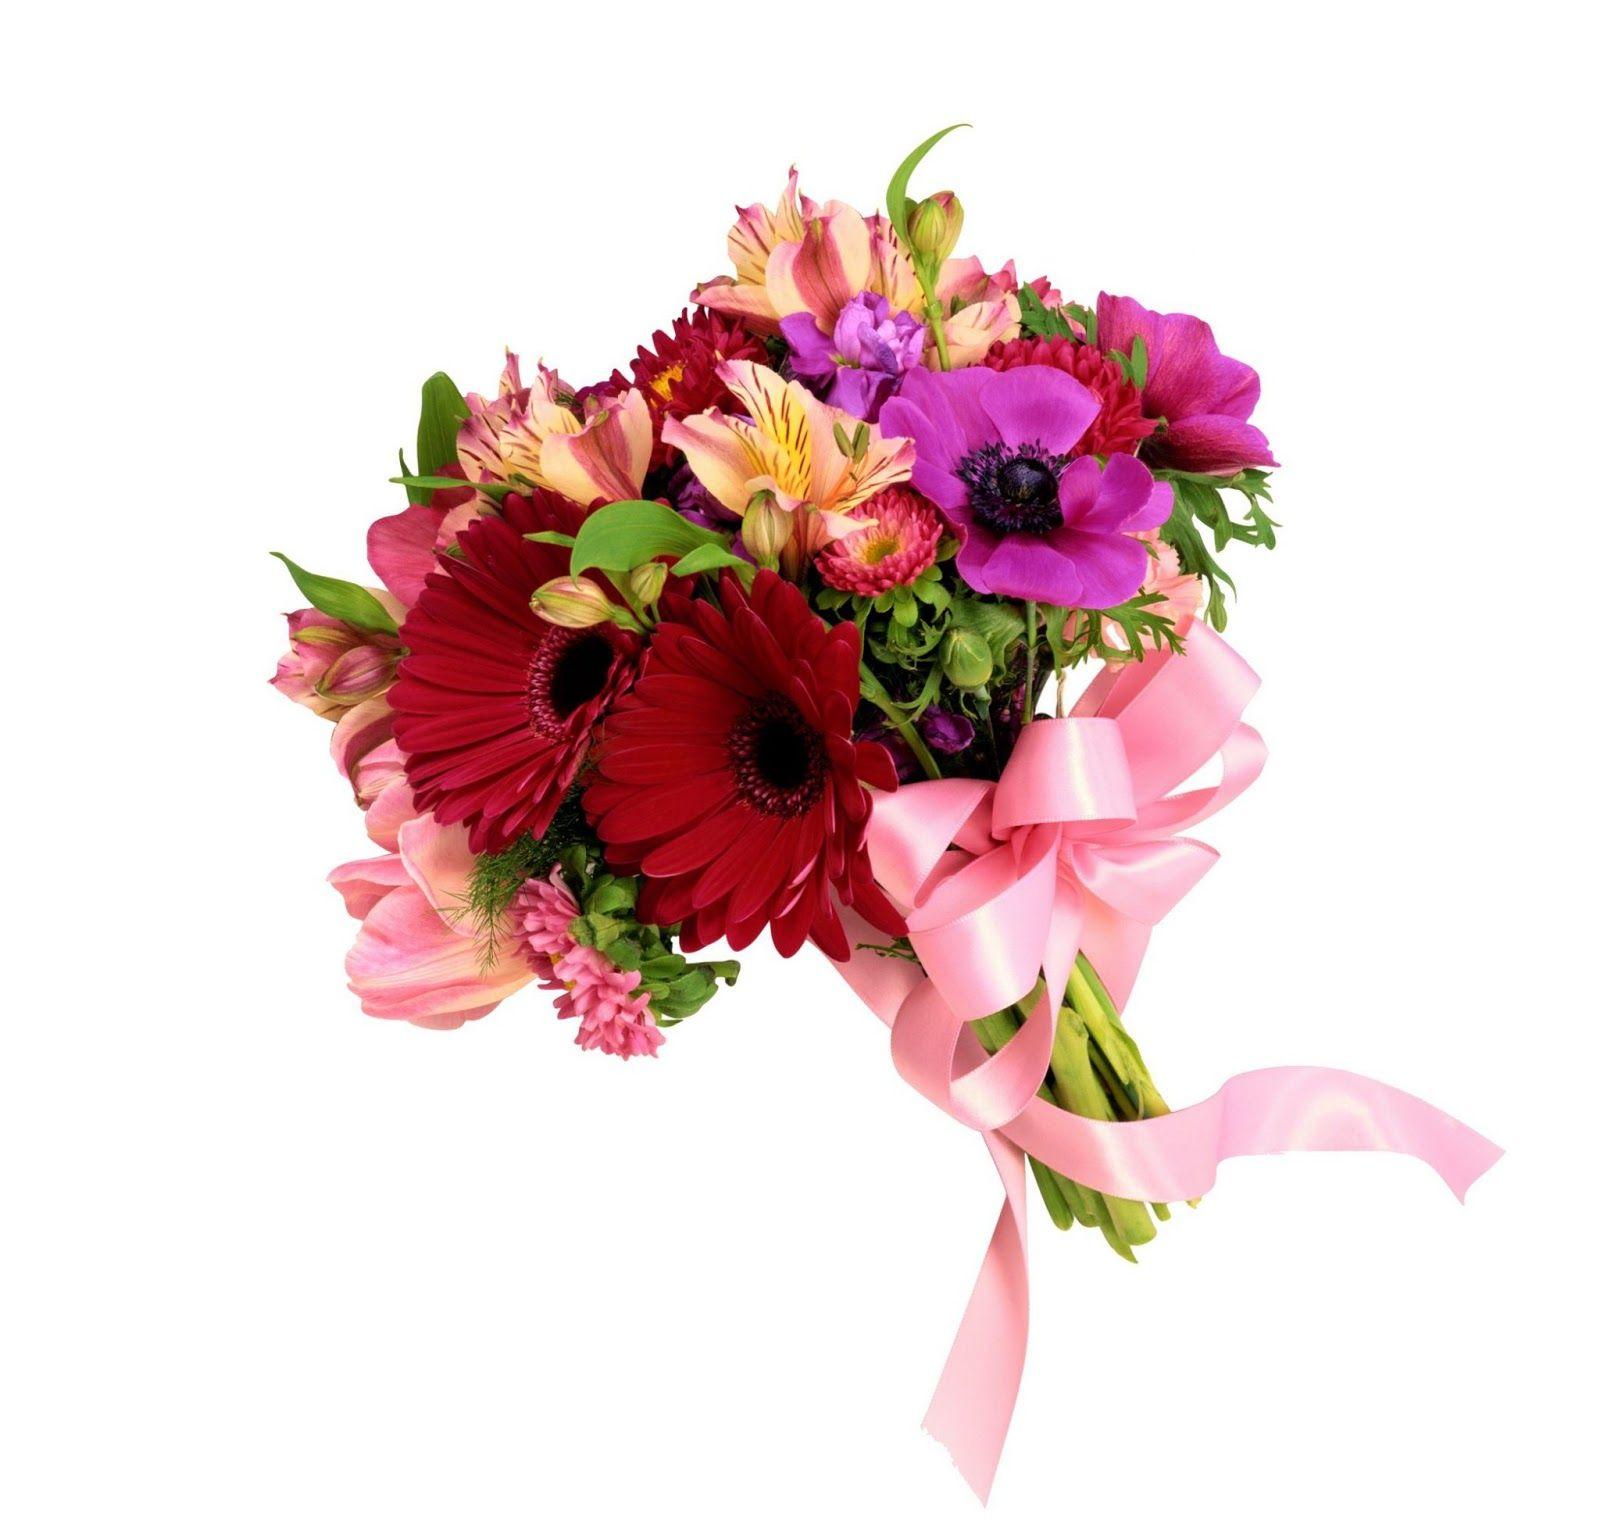 10 fotos de ramos de flores para admirar y compartir - Imgenes De Ramos De Flores